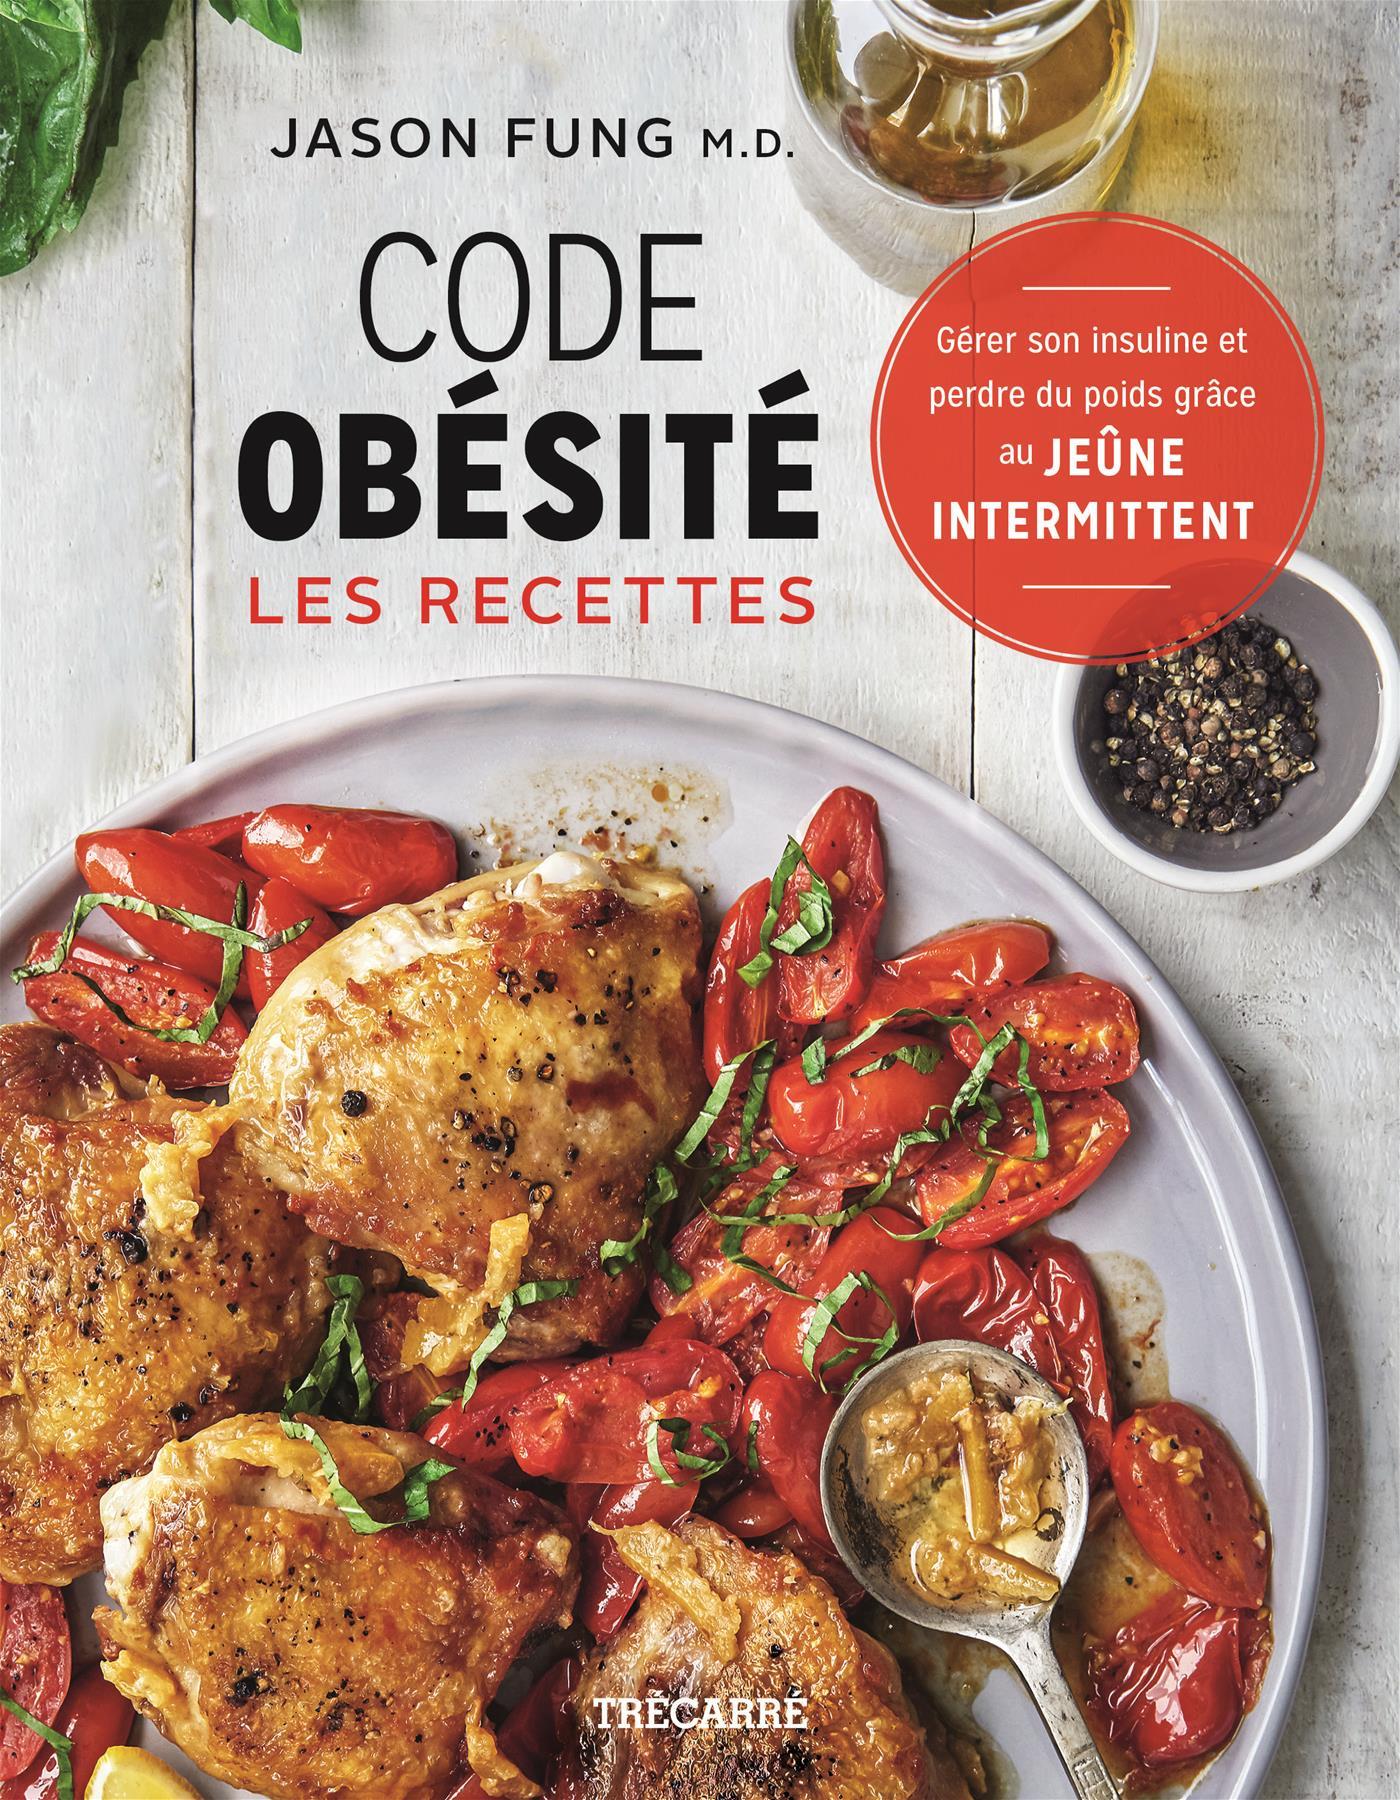 Code obésité : les recettes